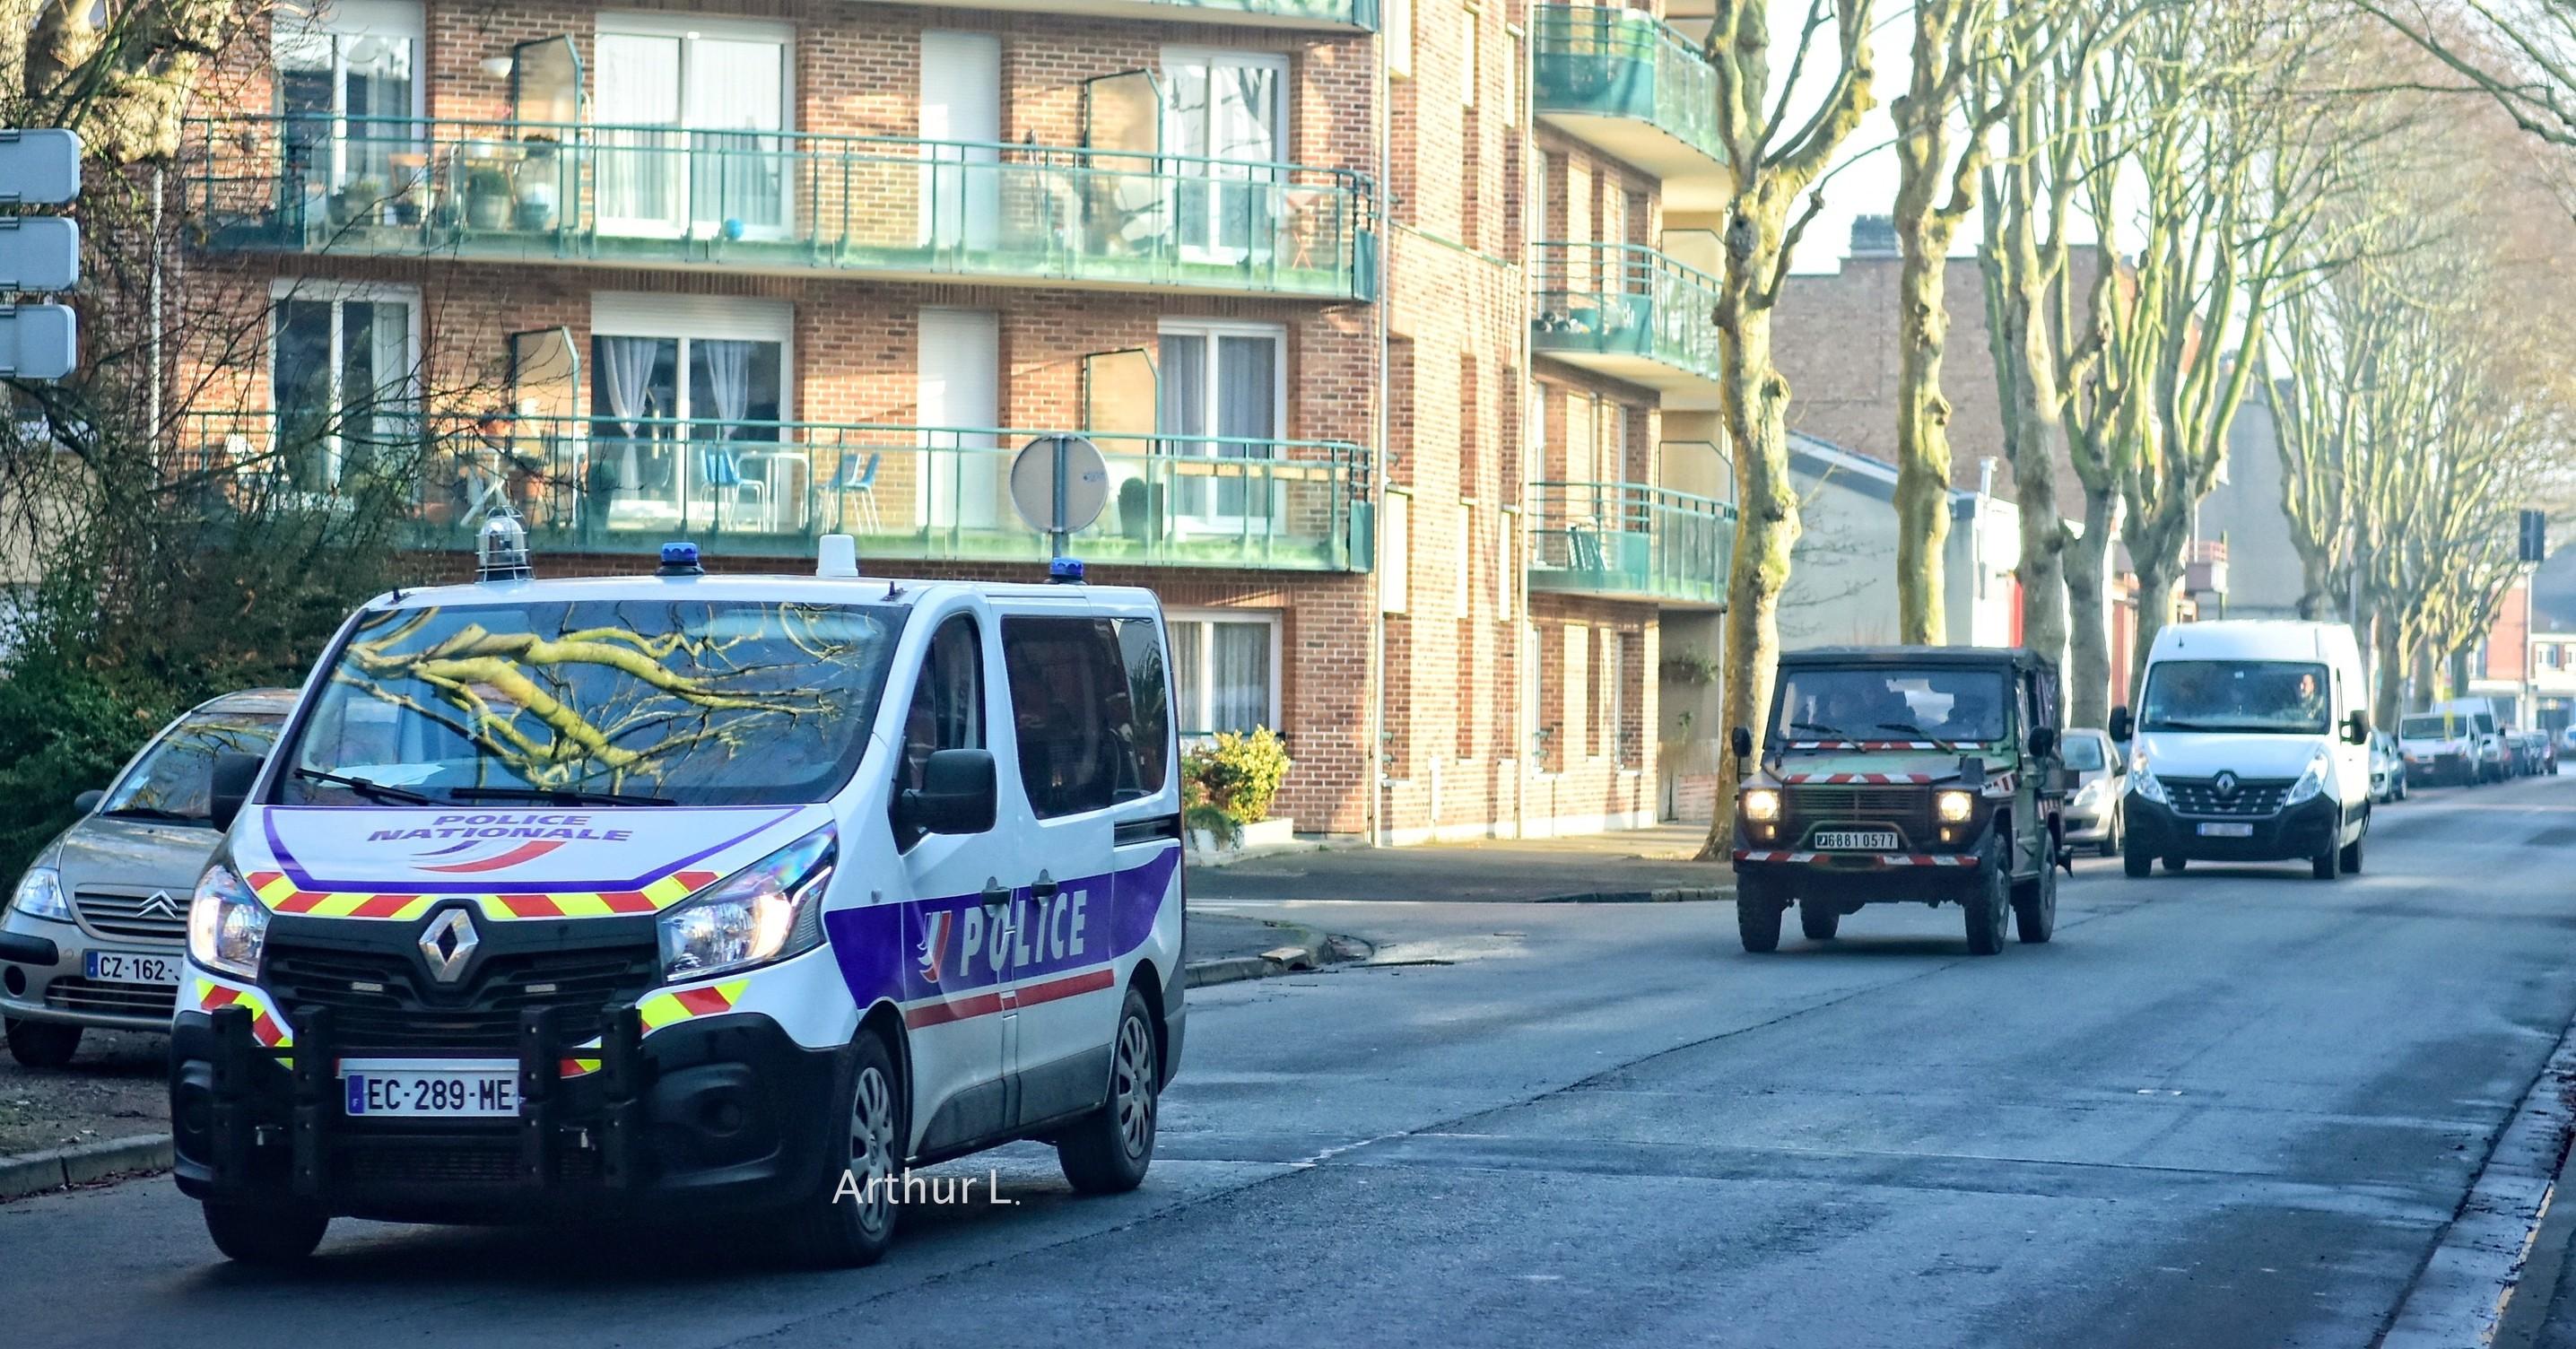 photos de voitures de police page 2483 auto titre. Black Bedroom Furniture Sets. Home Design Ideas